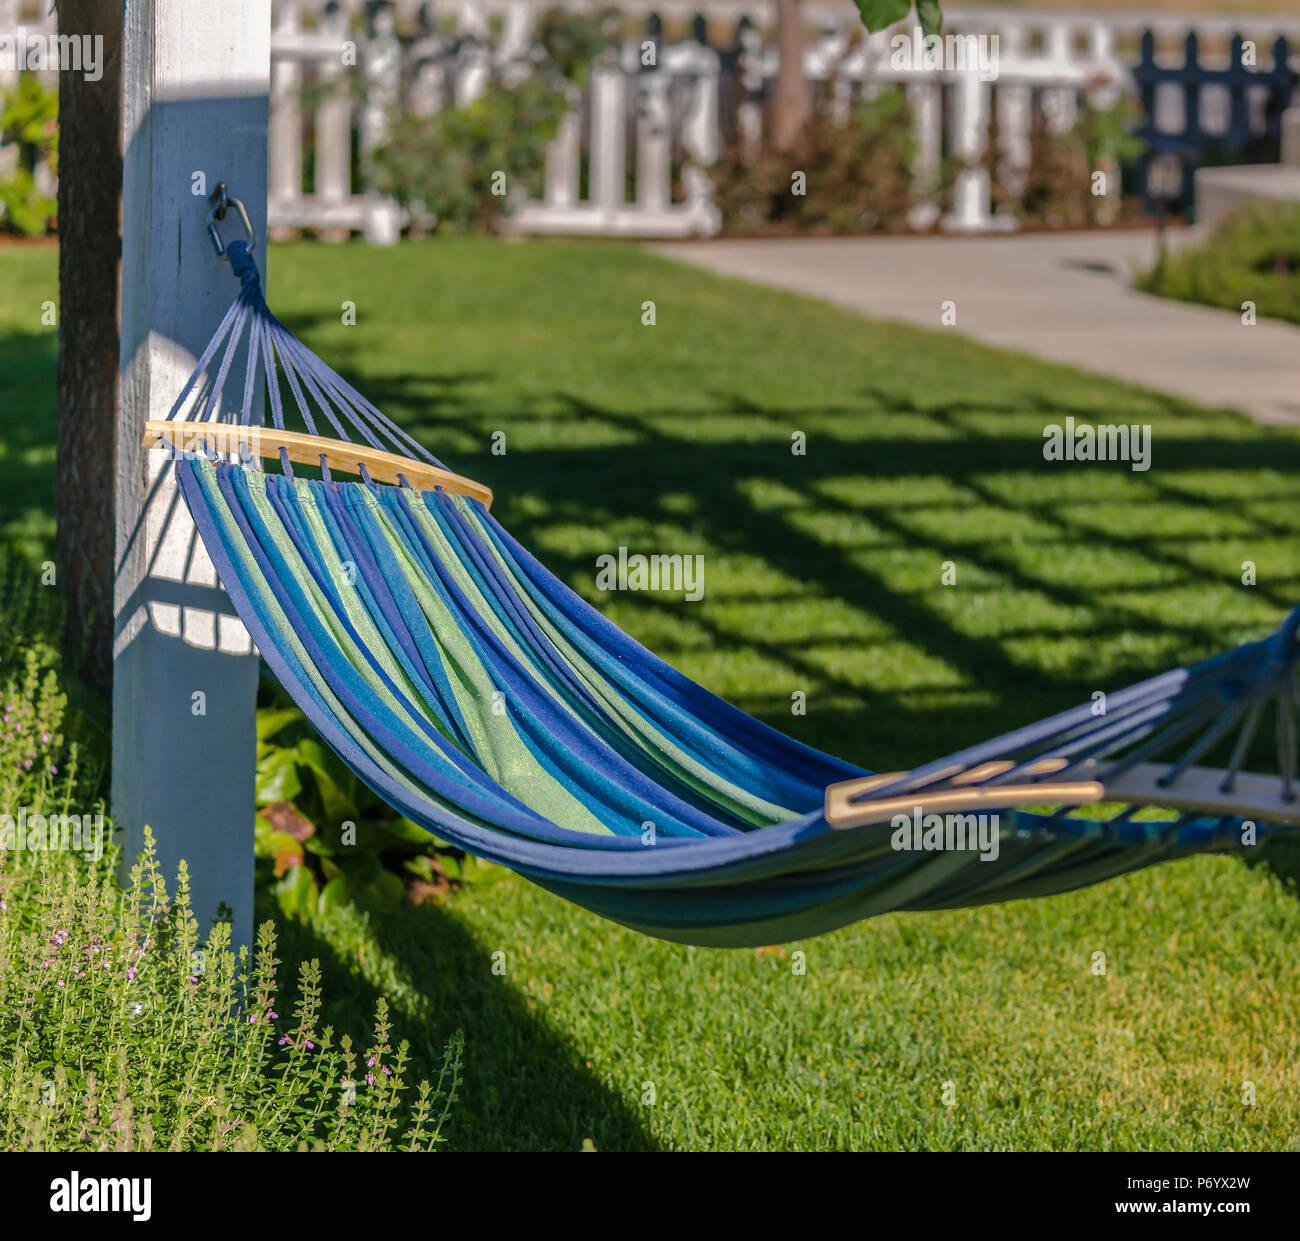 Hammock in beautiful backyard with lawn - Stock Image